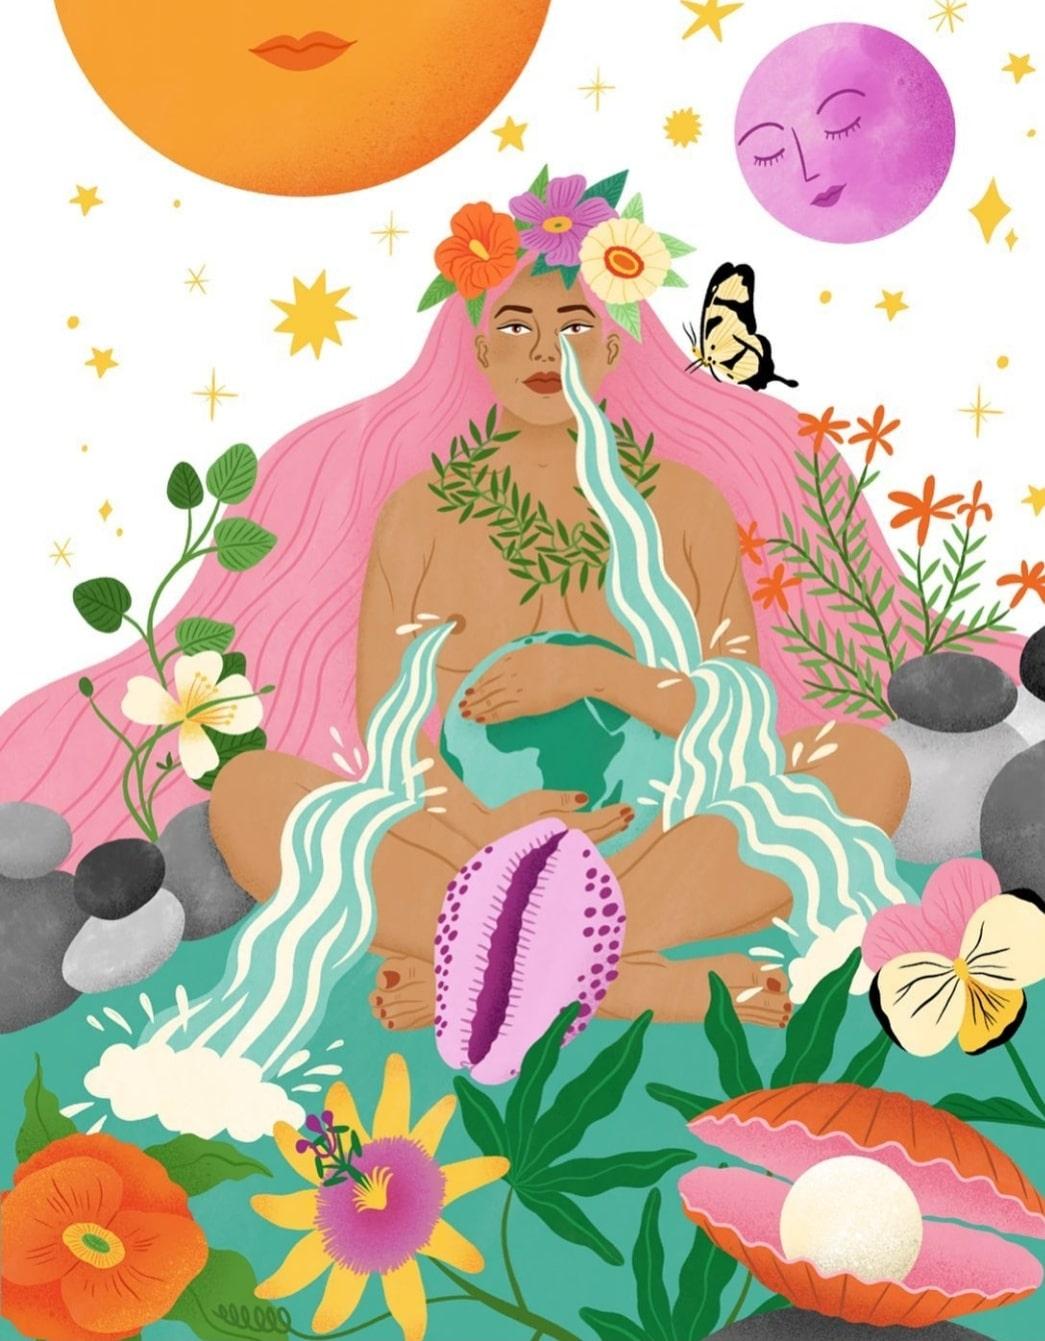 'Mujeres en el arte' a través de la Historia por alumnado de 1º de Moda